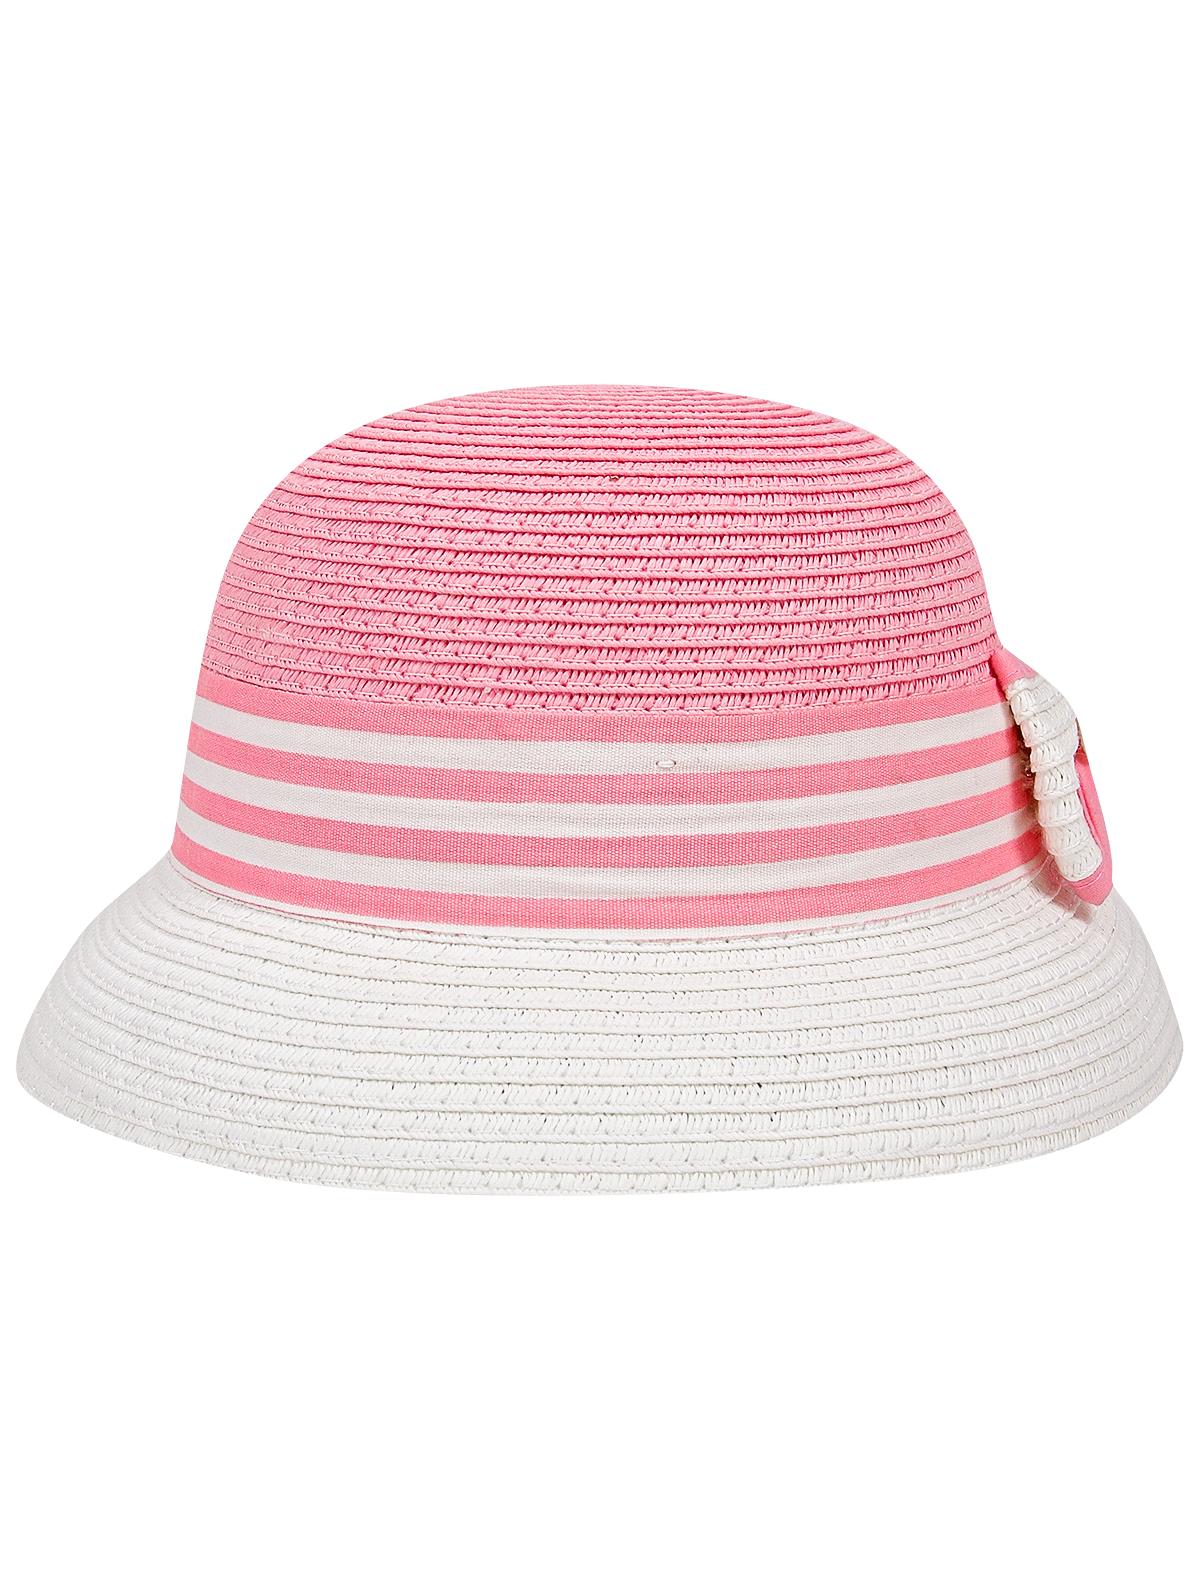 Шляпа Mayoral 2155211 фото